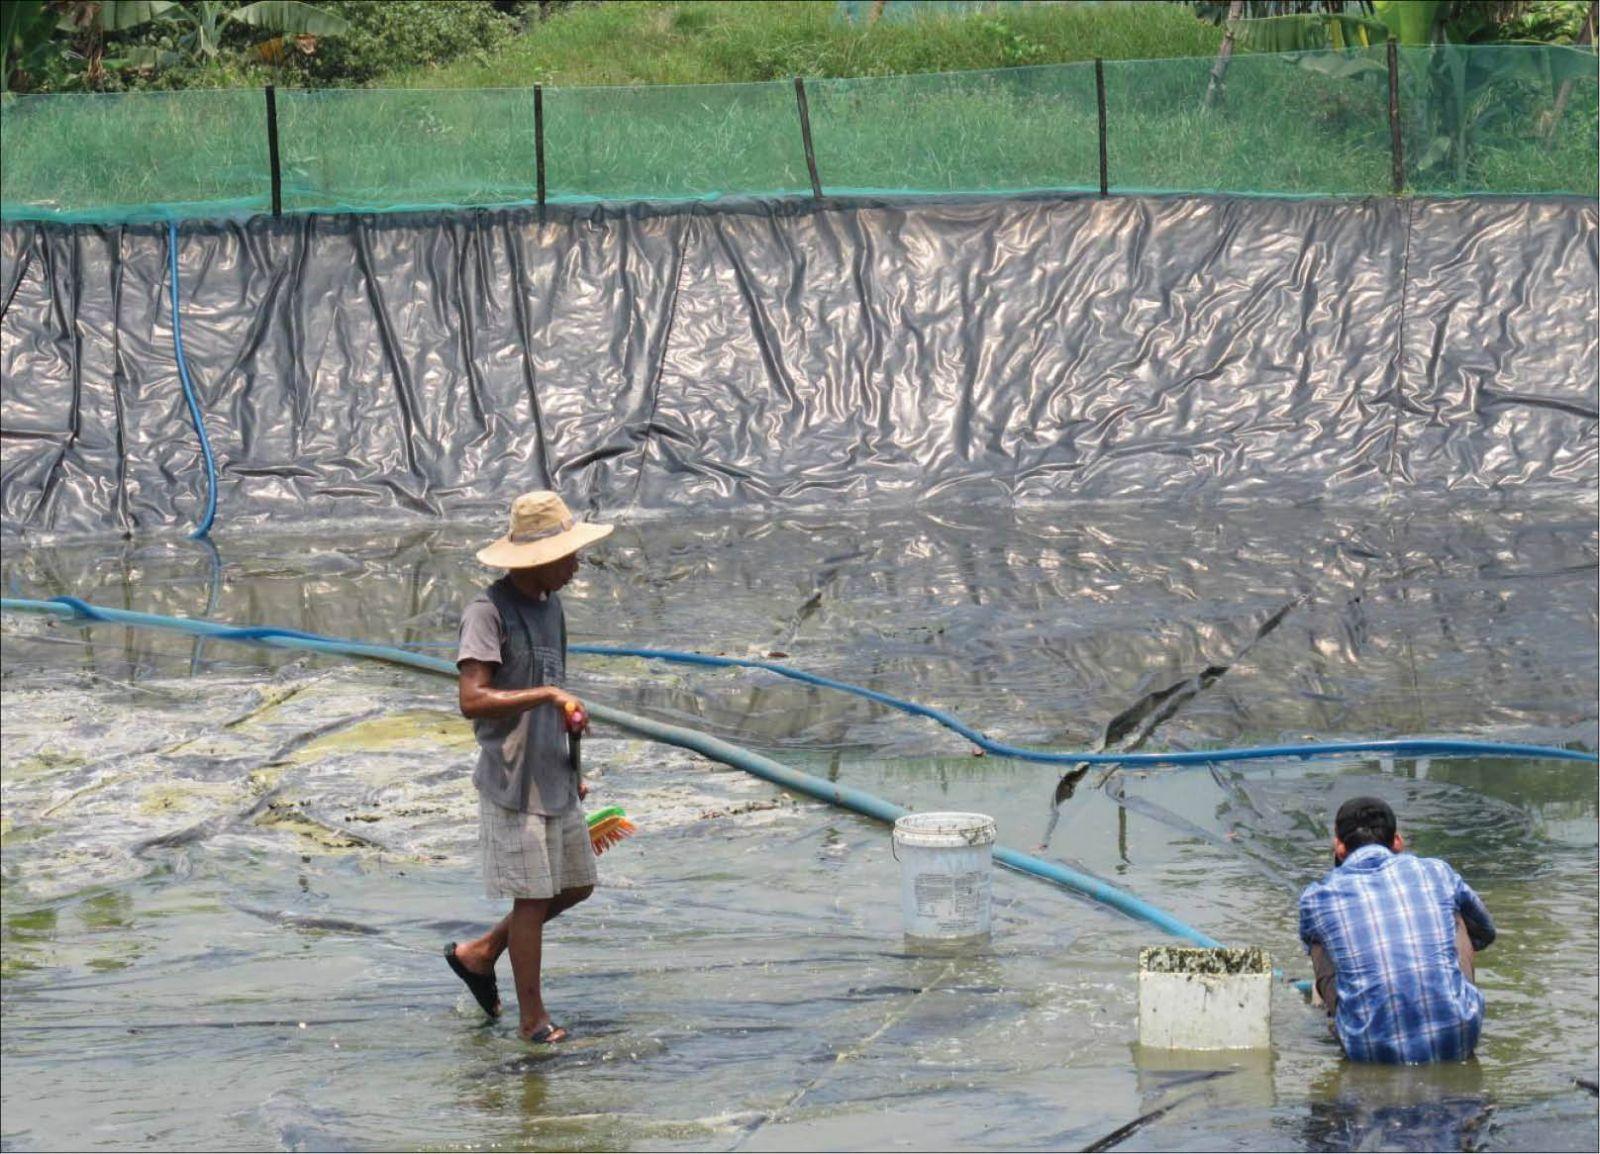 Hói Mít, Hói Dừa: Làm giàu không còn là giấc mơ